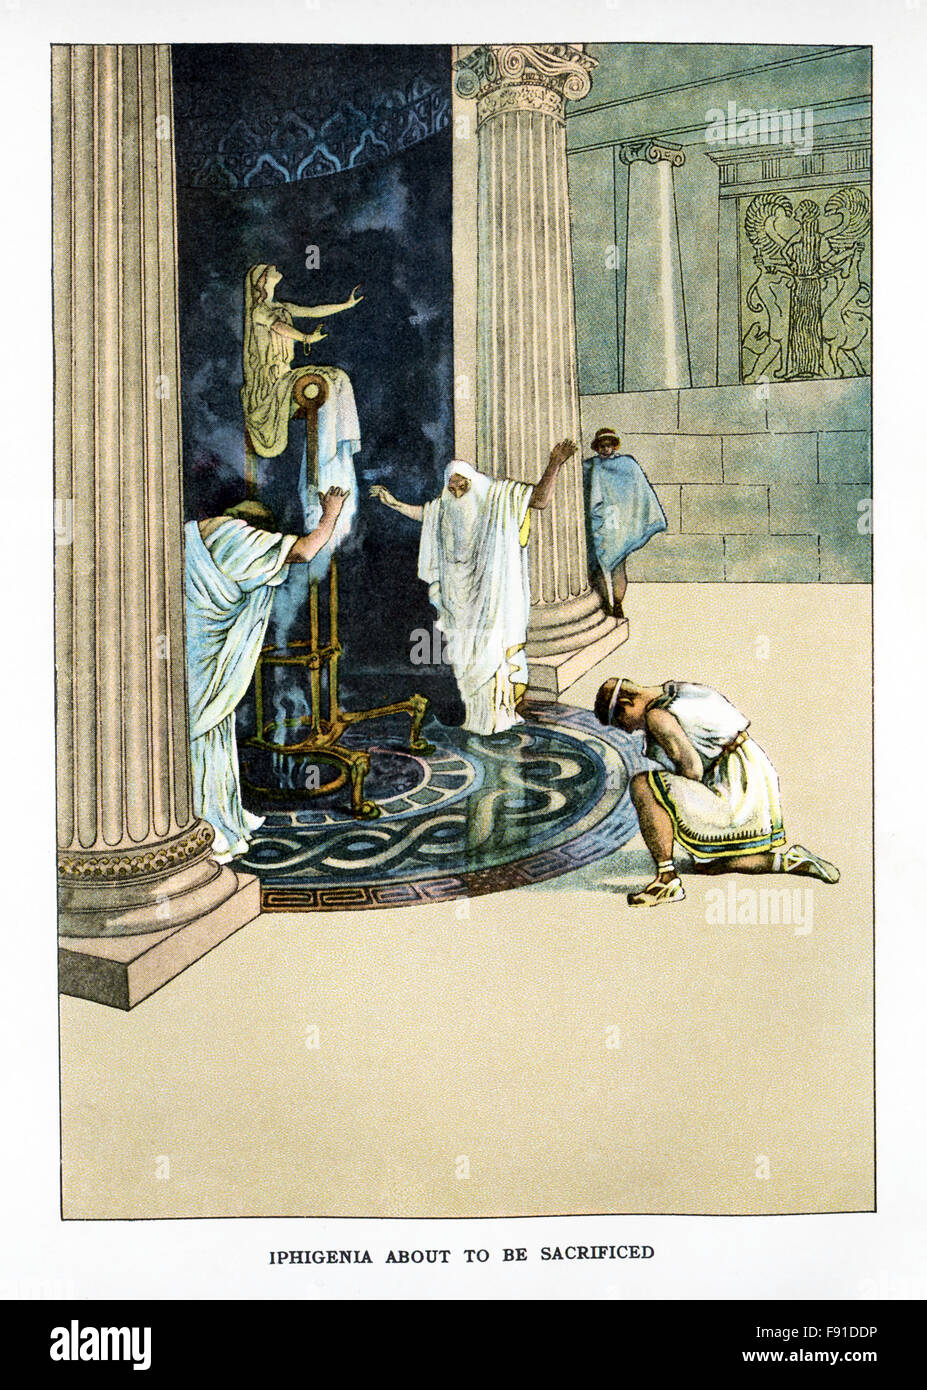 Iphigenia era la figlia di agamennone leader delle forze for Il tuo account e stato attaccato